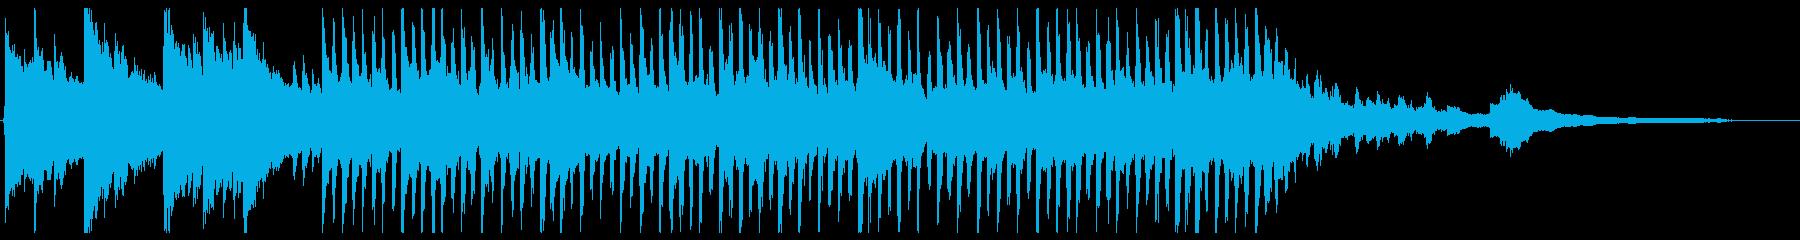 明るいクリーンなコーポレート1_50秒の再生済みの波形